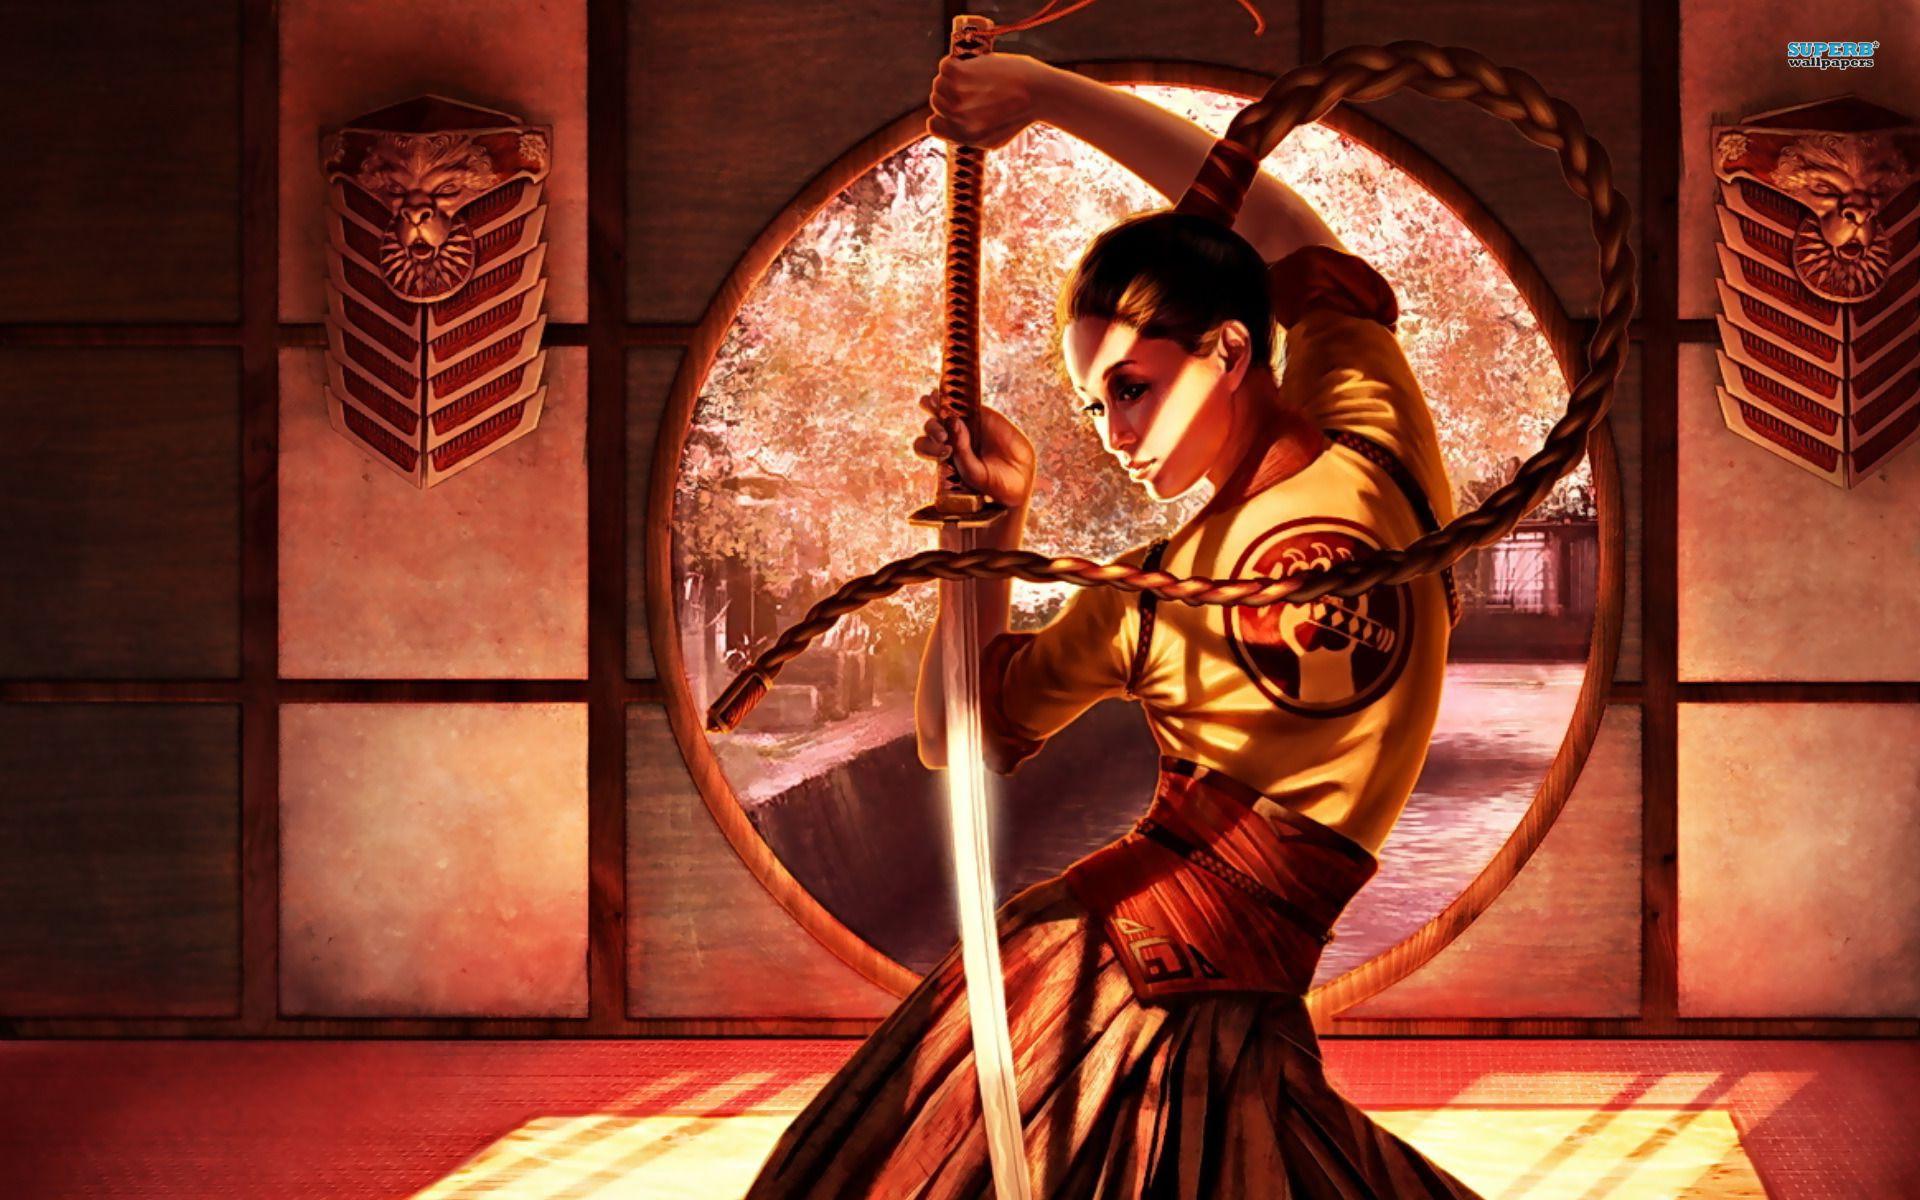 Anime Samurai Girls Female samurai, Samurai, Samurai